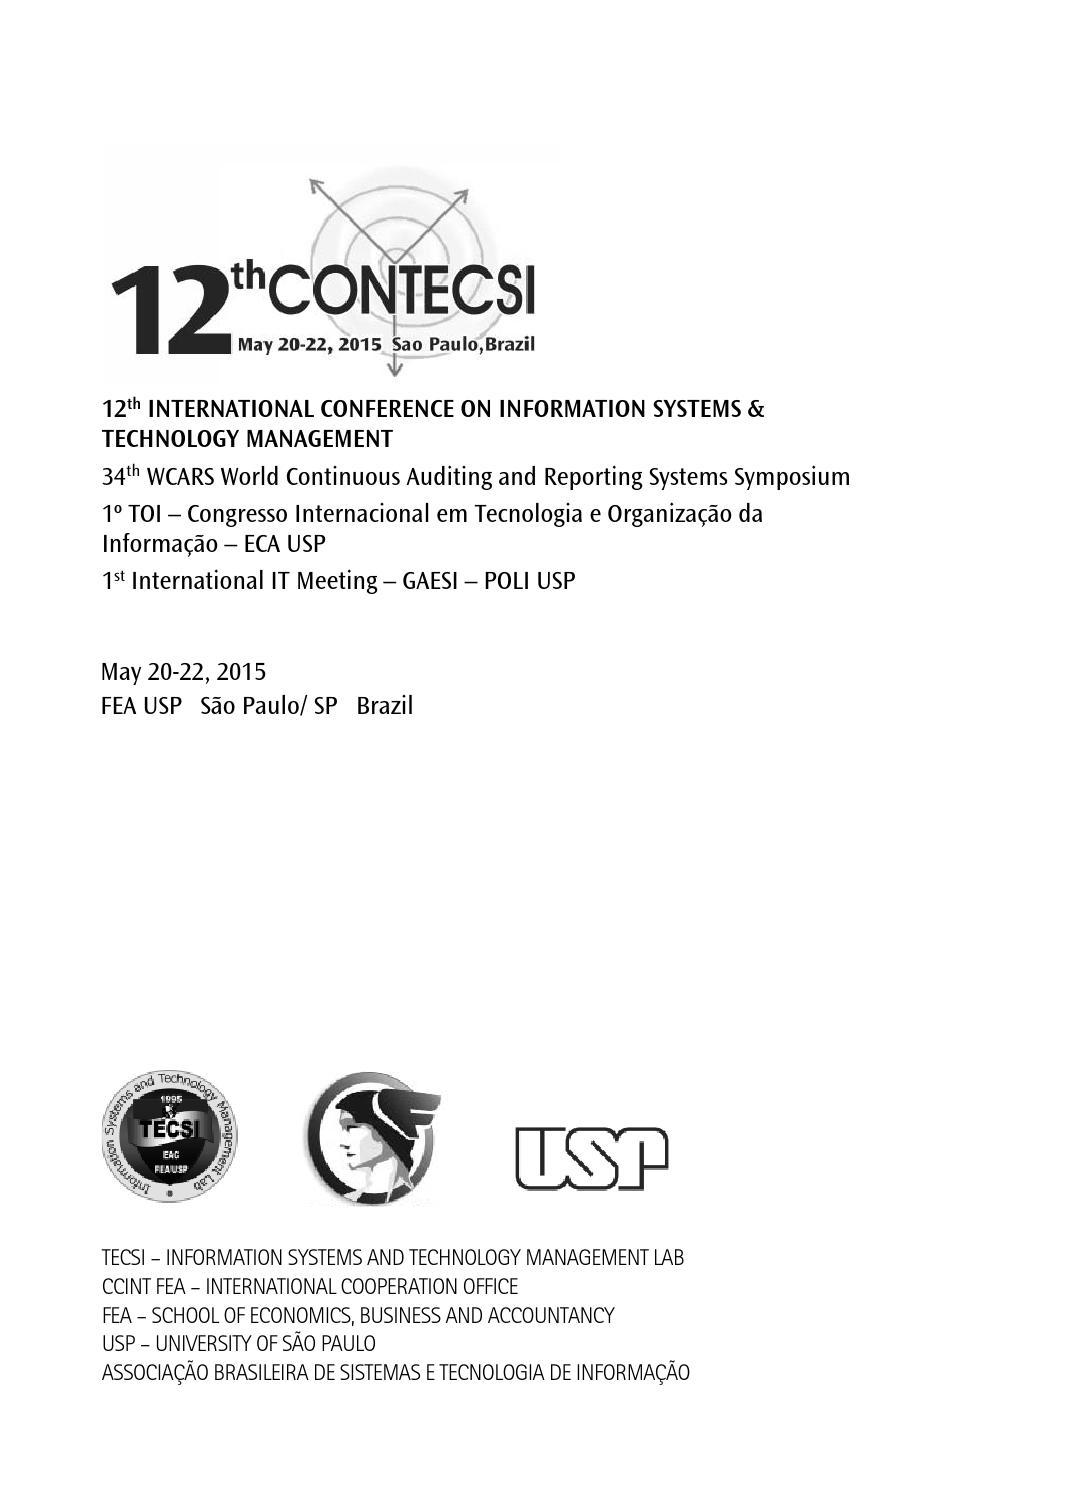 12contecsi abstracts by laboratrio de tecnologia e sistemas de 12contecsi abstracts by laboratrio de tecnologia e sistemas de informao issuu fandeluxe Images